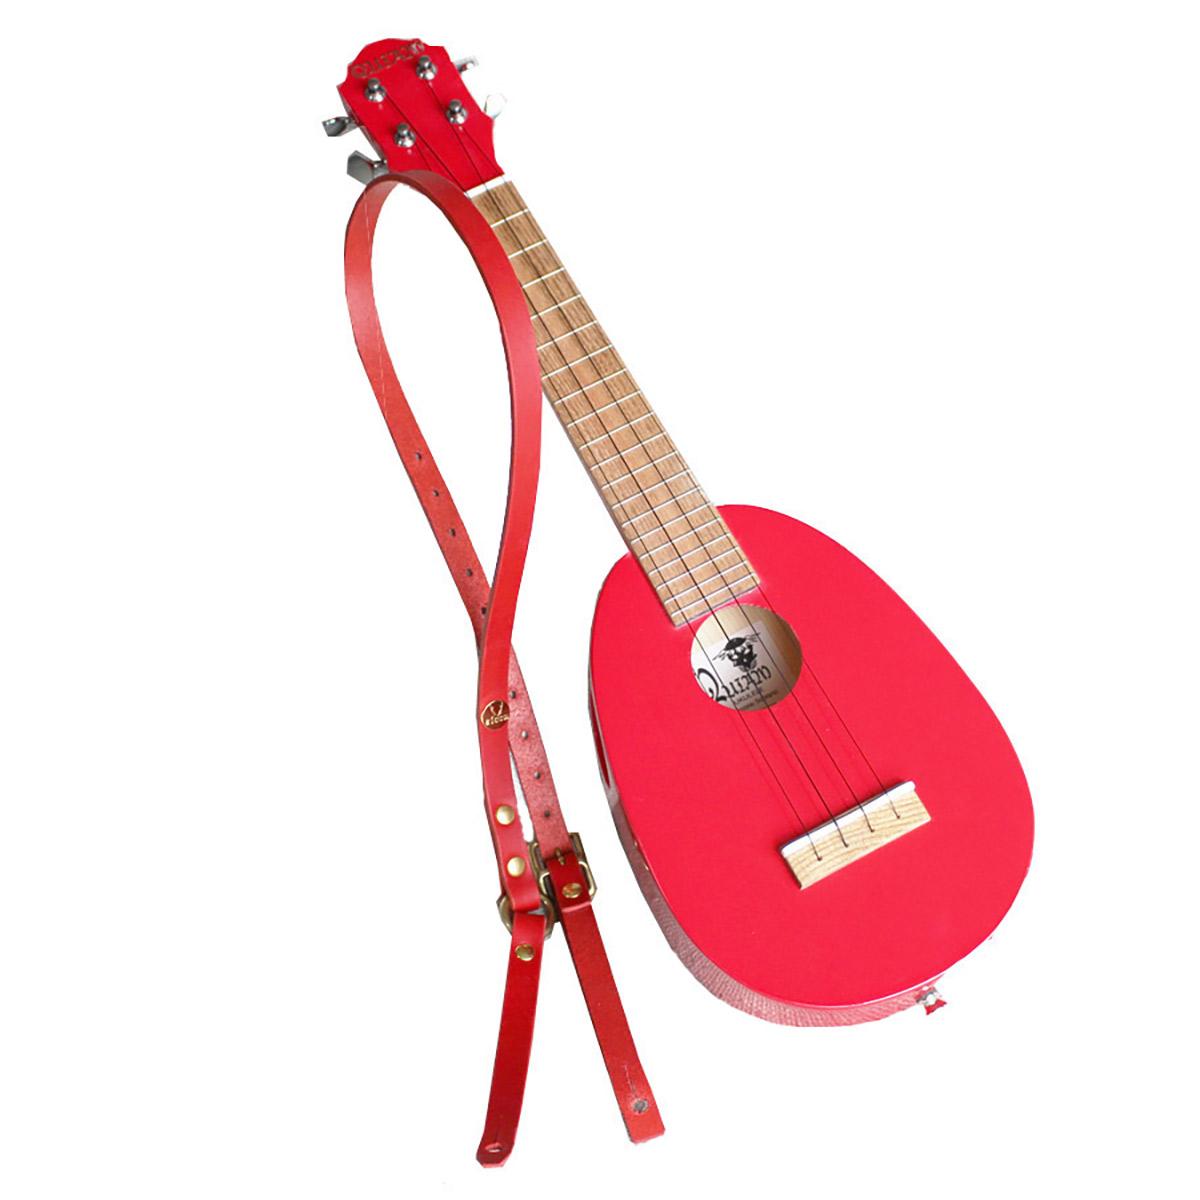 QUIAM Pinecone Soprano エゾズウクレレ パインコーンソプラノ クリスマスレッド 【クワイアン】【数量限定品】